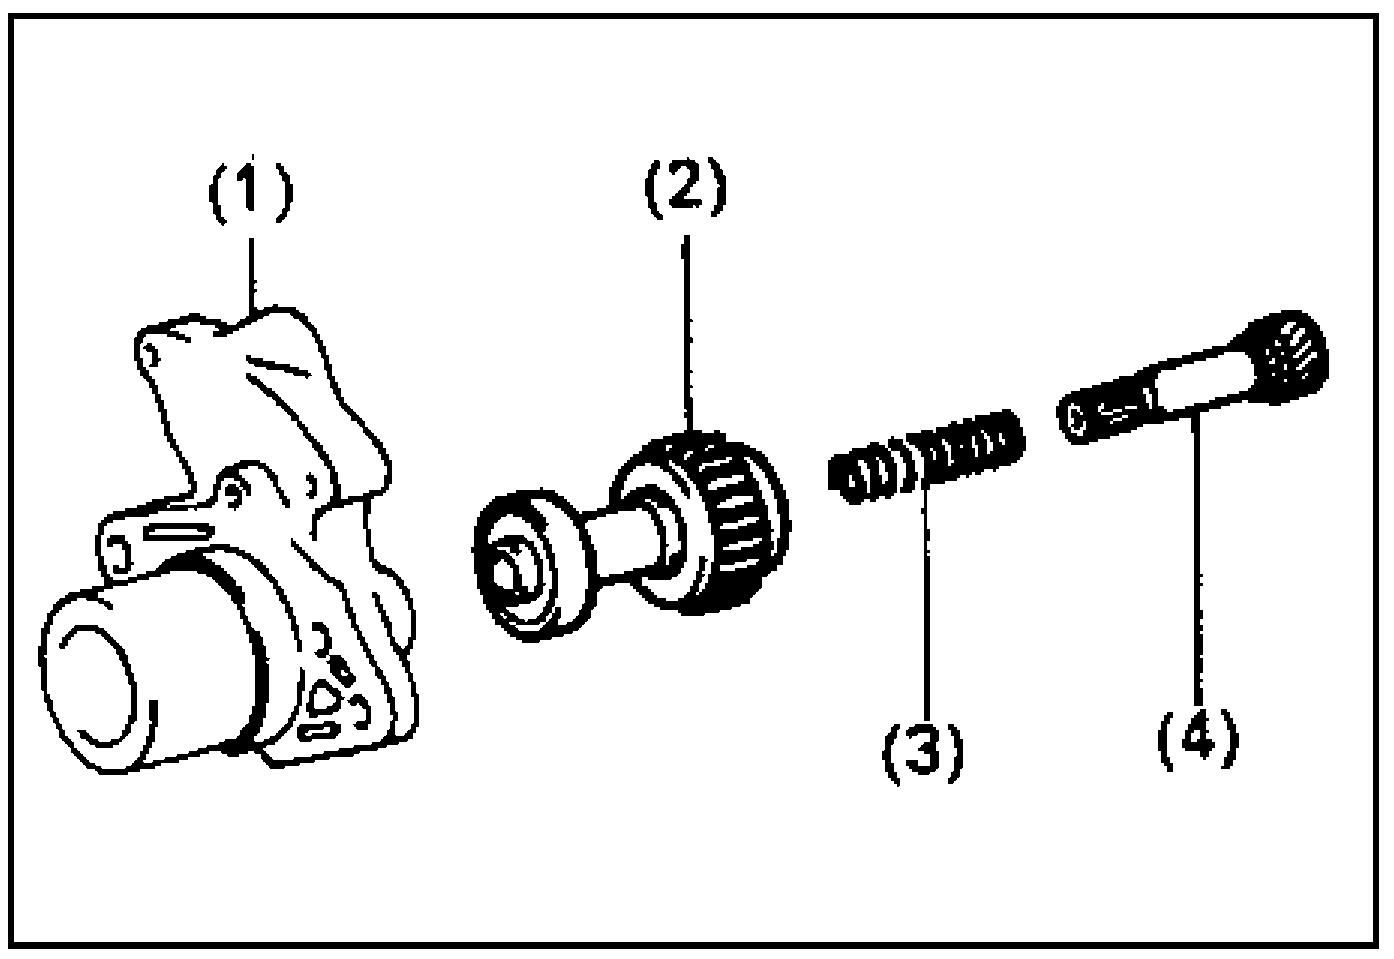 Обгонная муфта, пружина и валик обгонной муфты